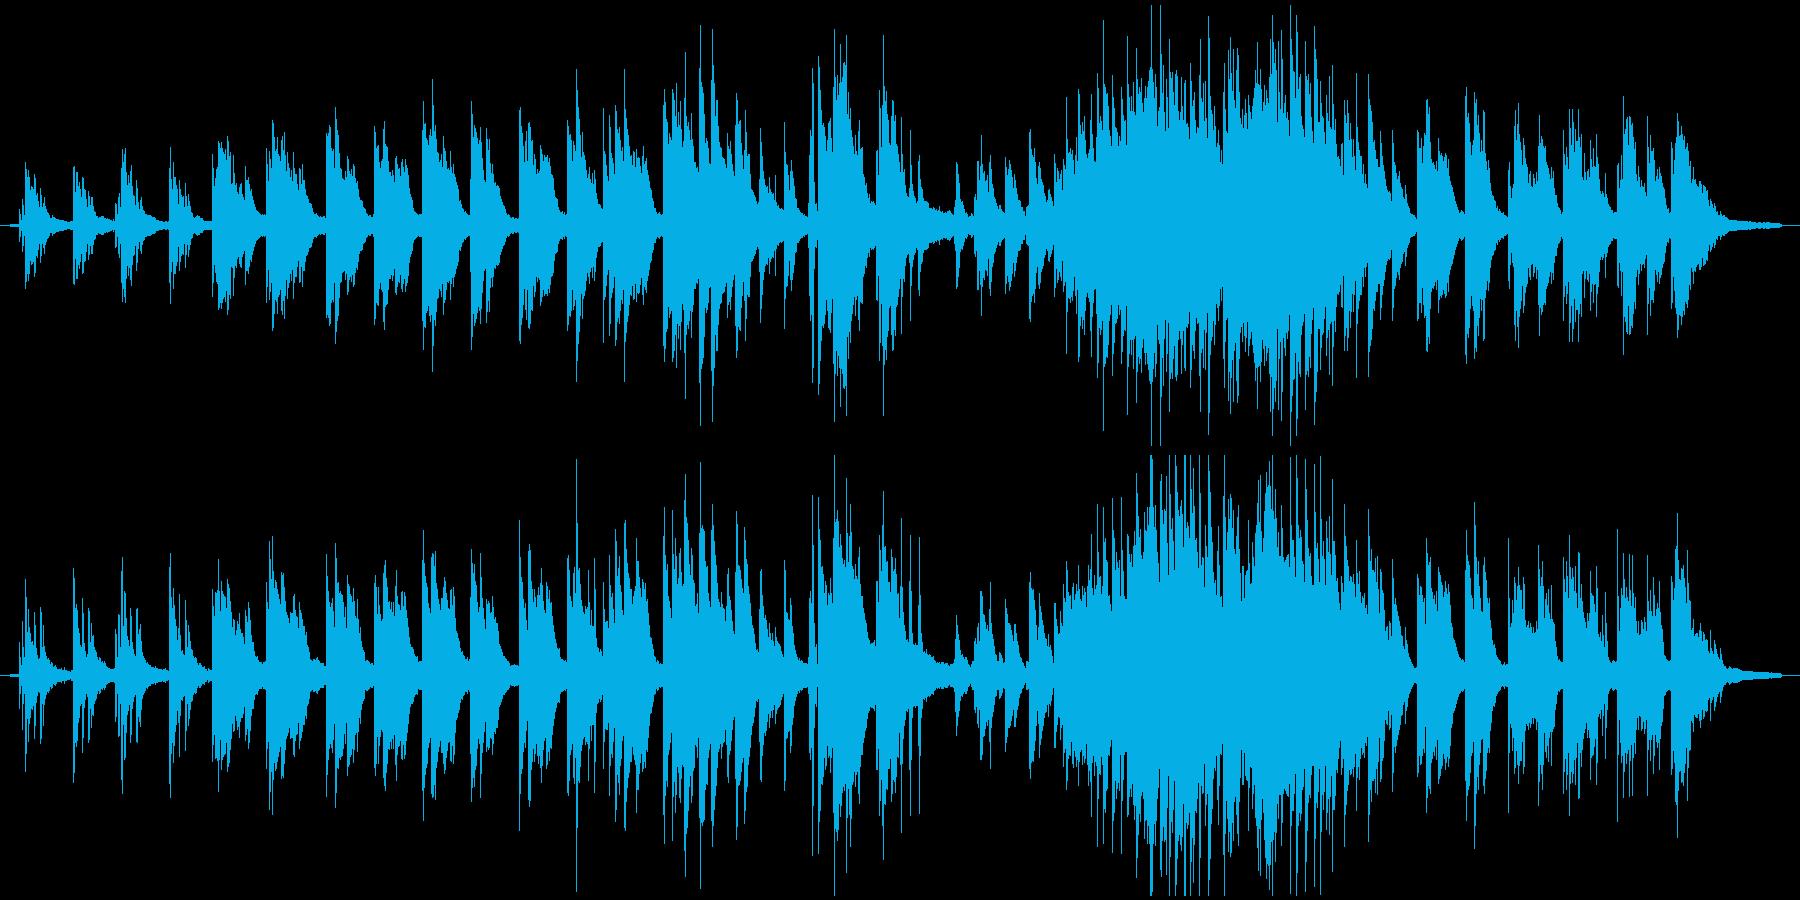 静かに強く思いを馳せるバラード(伴奏)の再生済みの波形